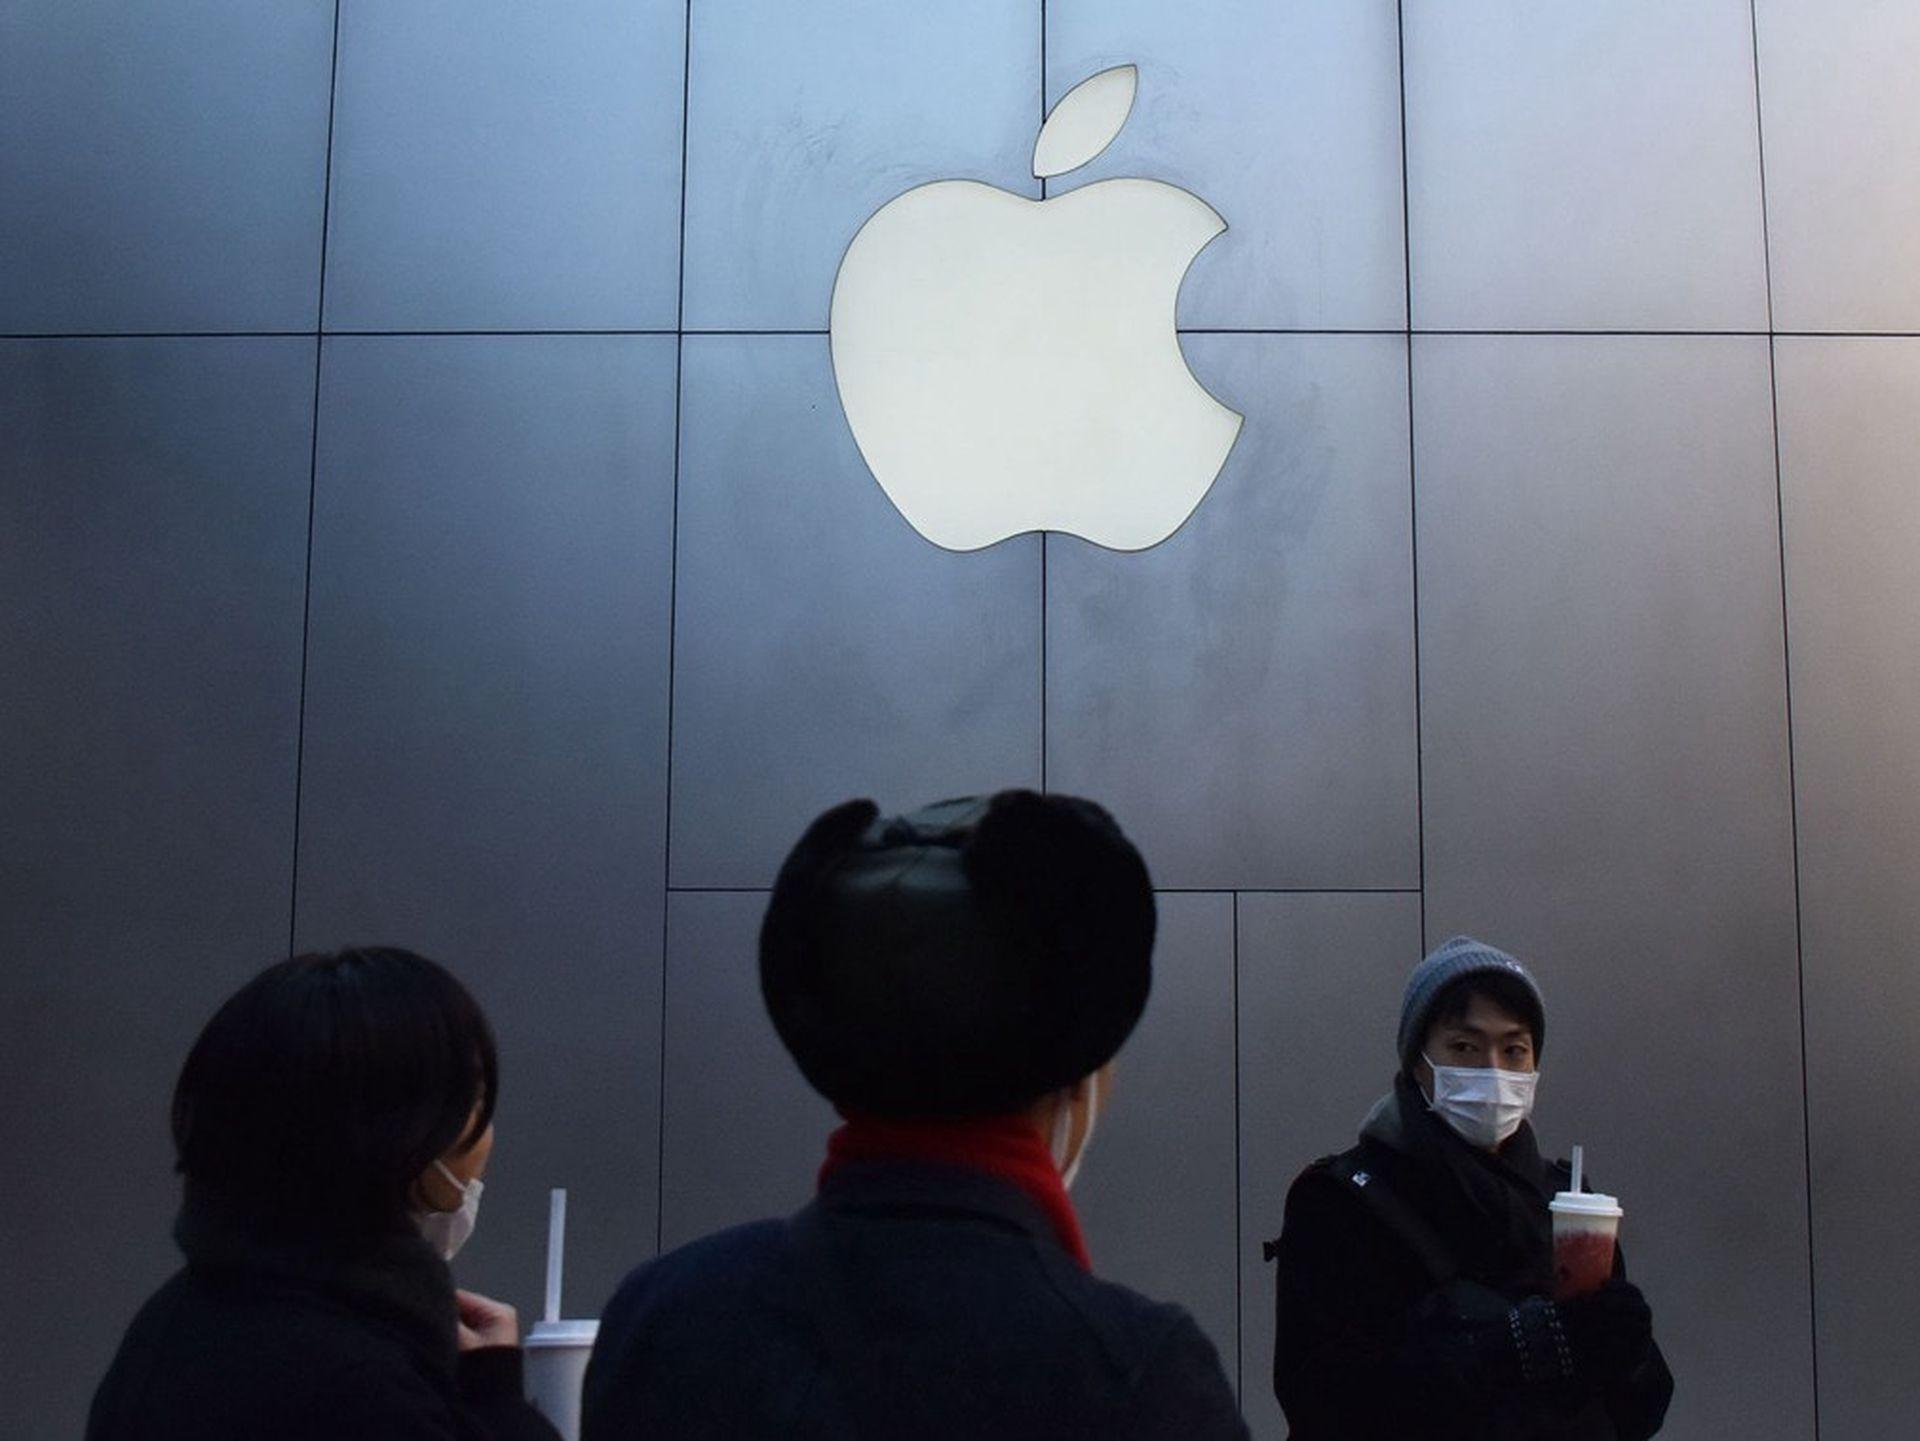 韓美接連出手 「蘋果稅」遭重創Google也圍剿 全球反壟斷來襲?